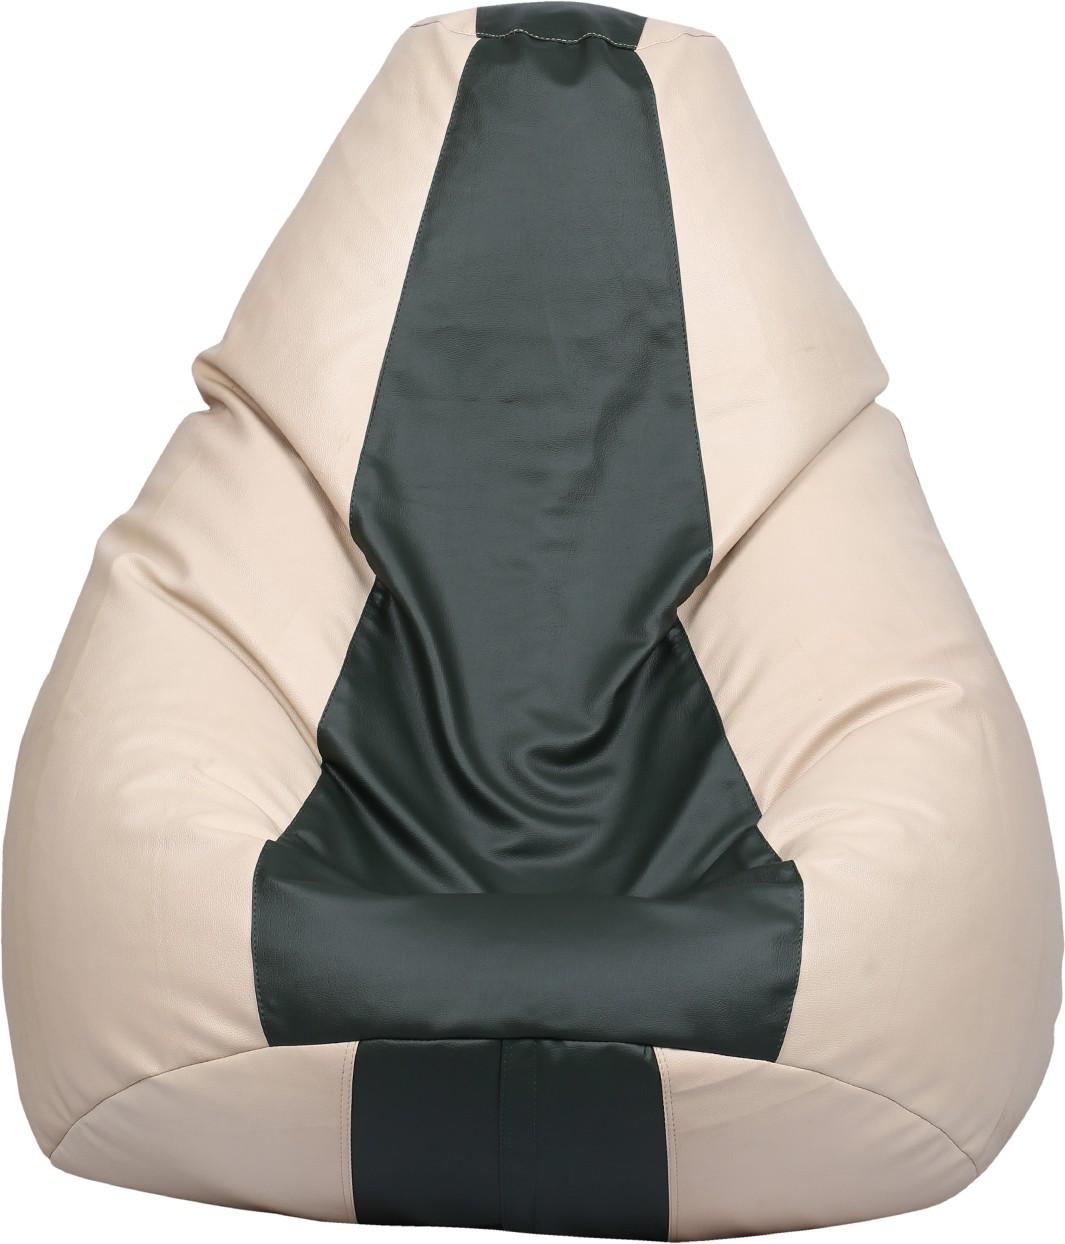 View VizwaSS XL Teardrop Bean Bag  With Bean Filling(Black, Beige) Furniture (VizwaSS)